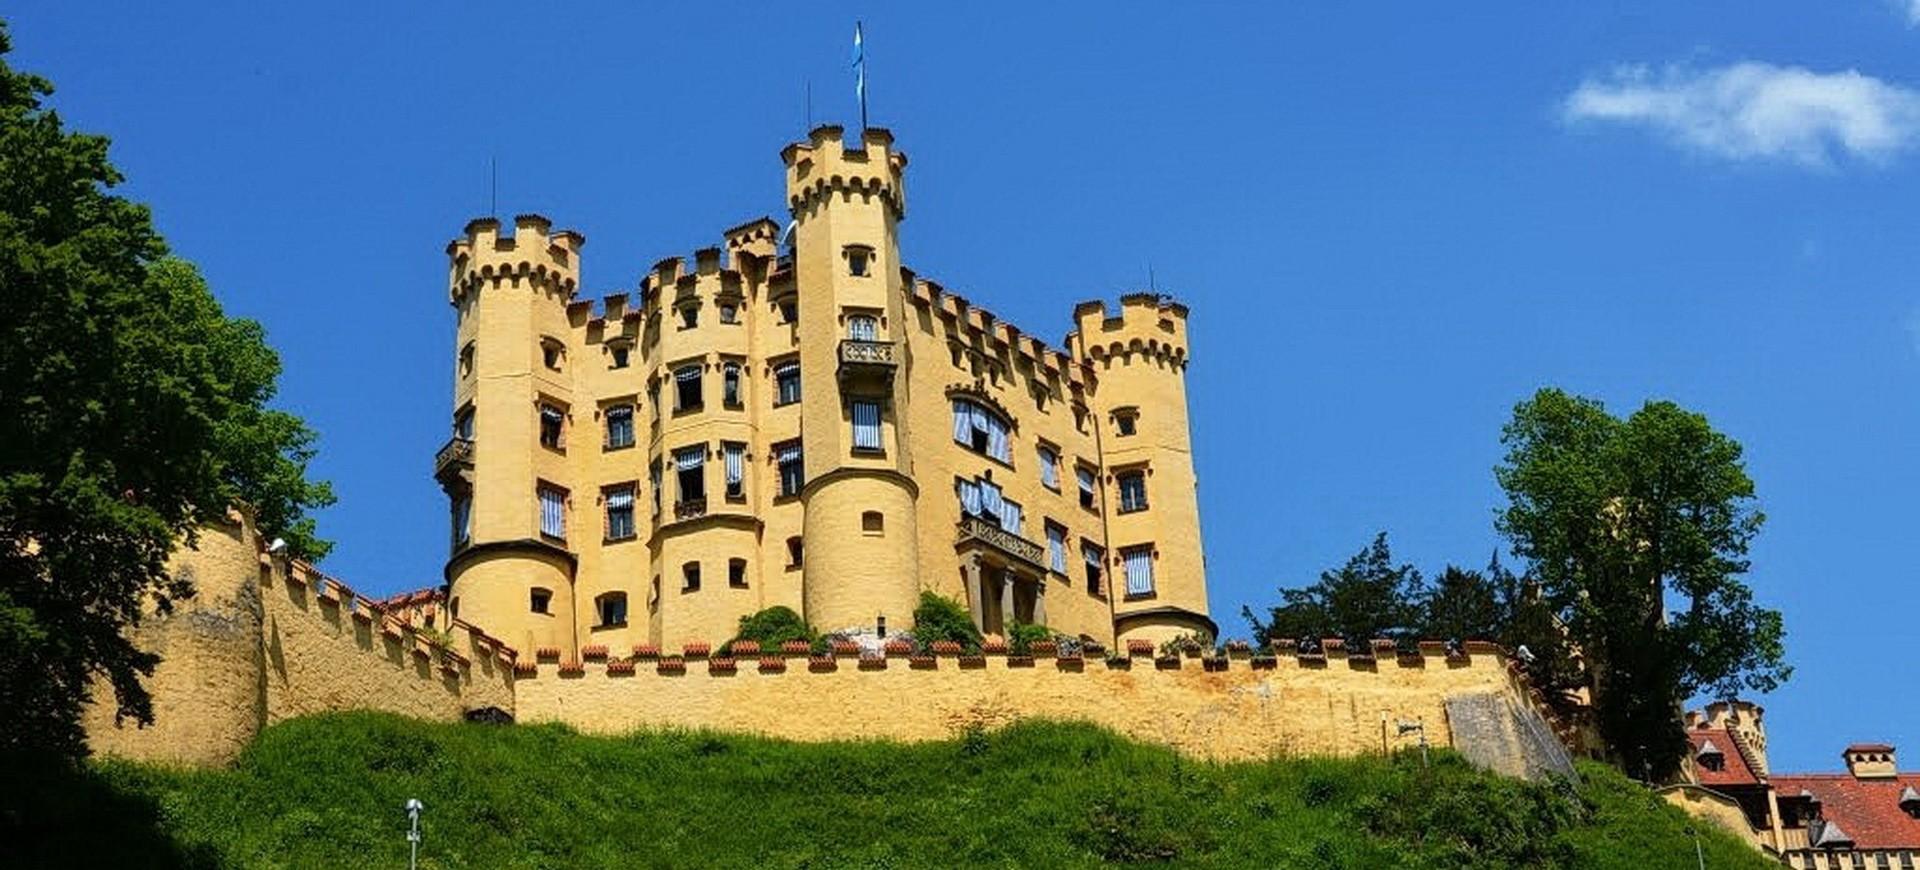 Allemagne Fussen Chateau Hohenschwangau